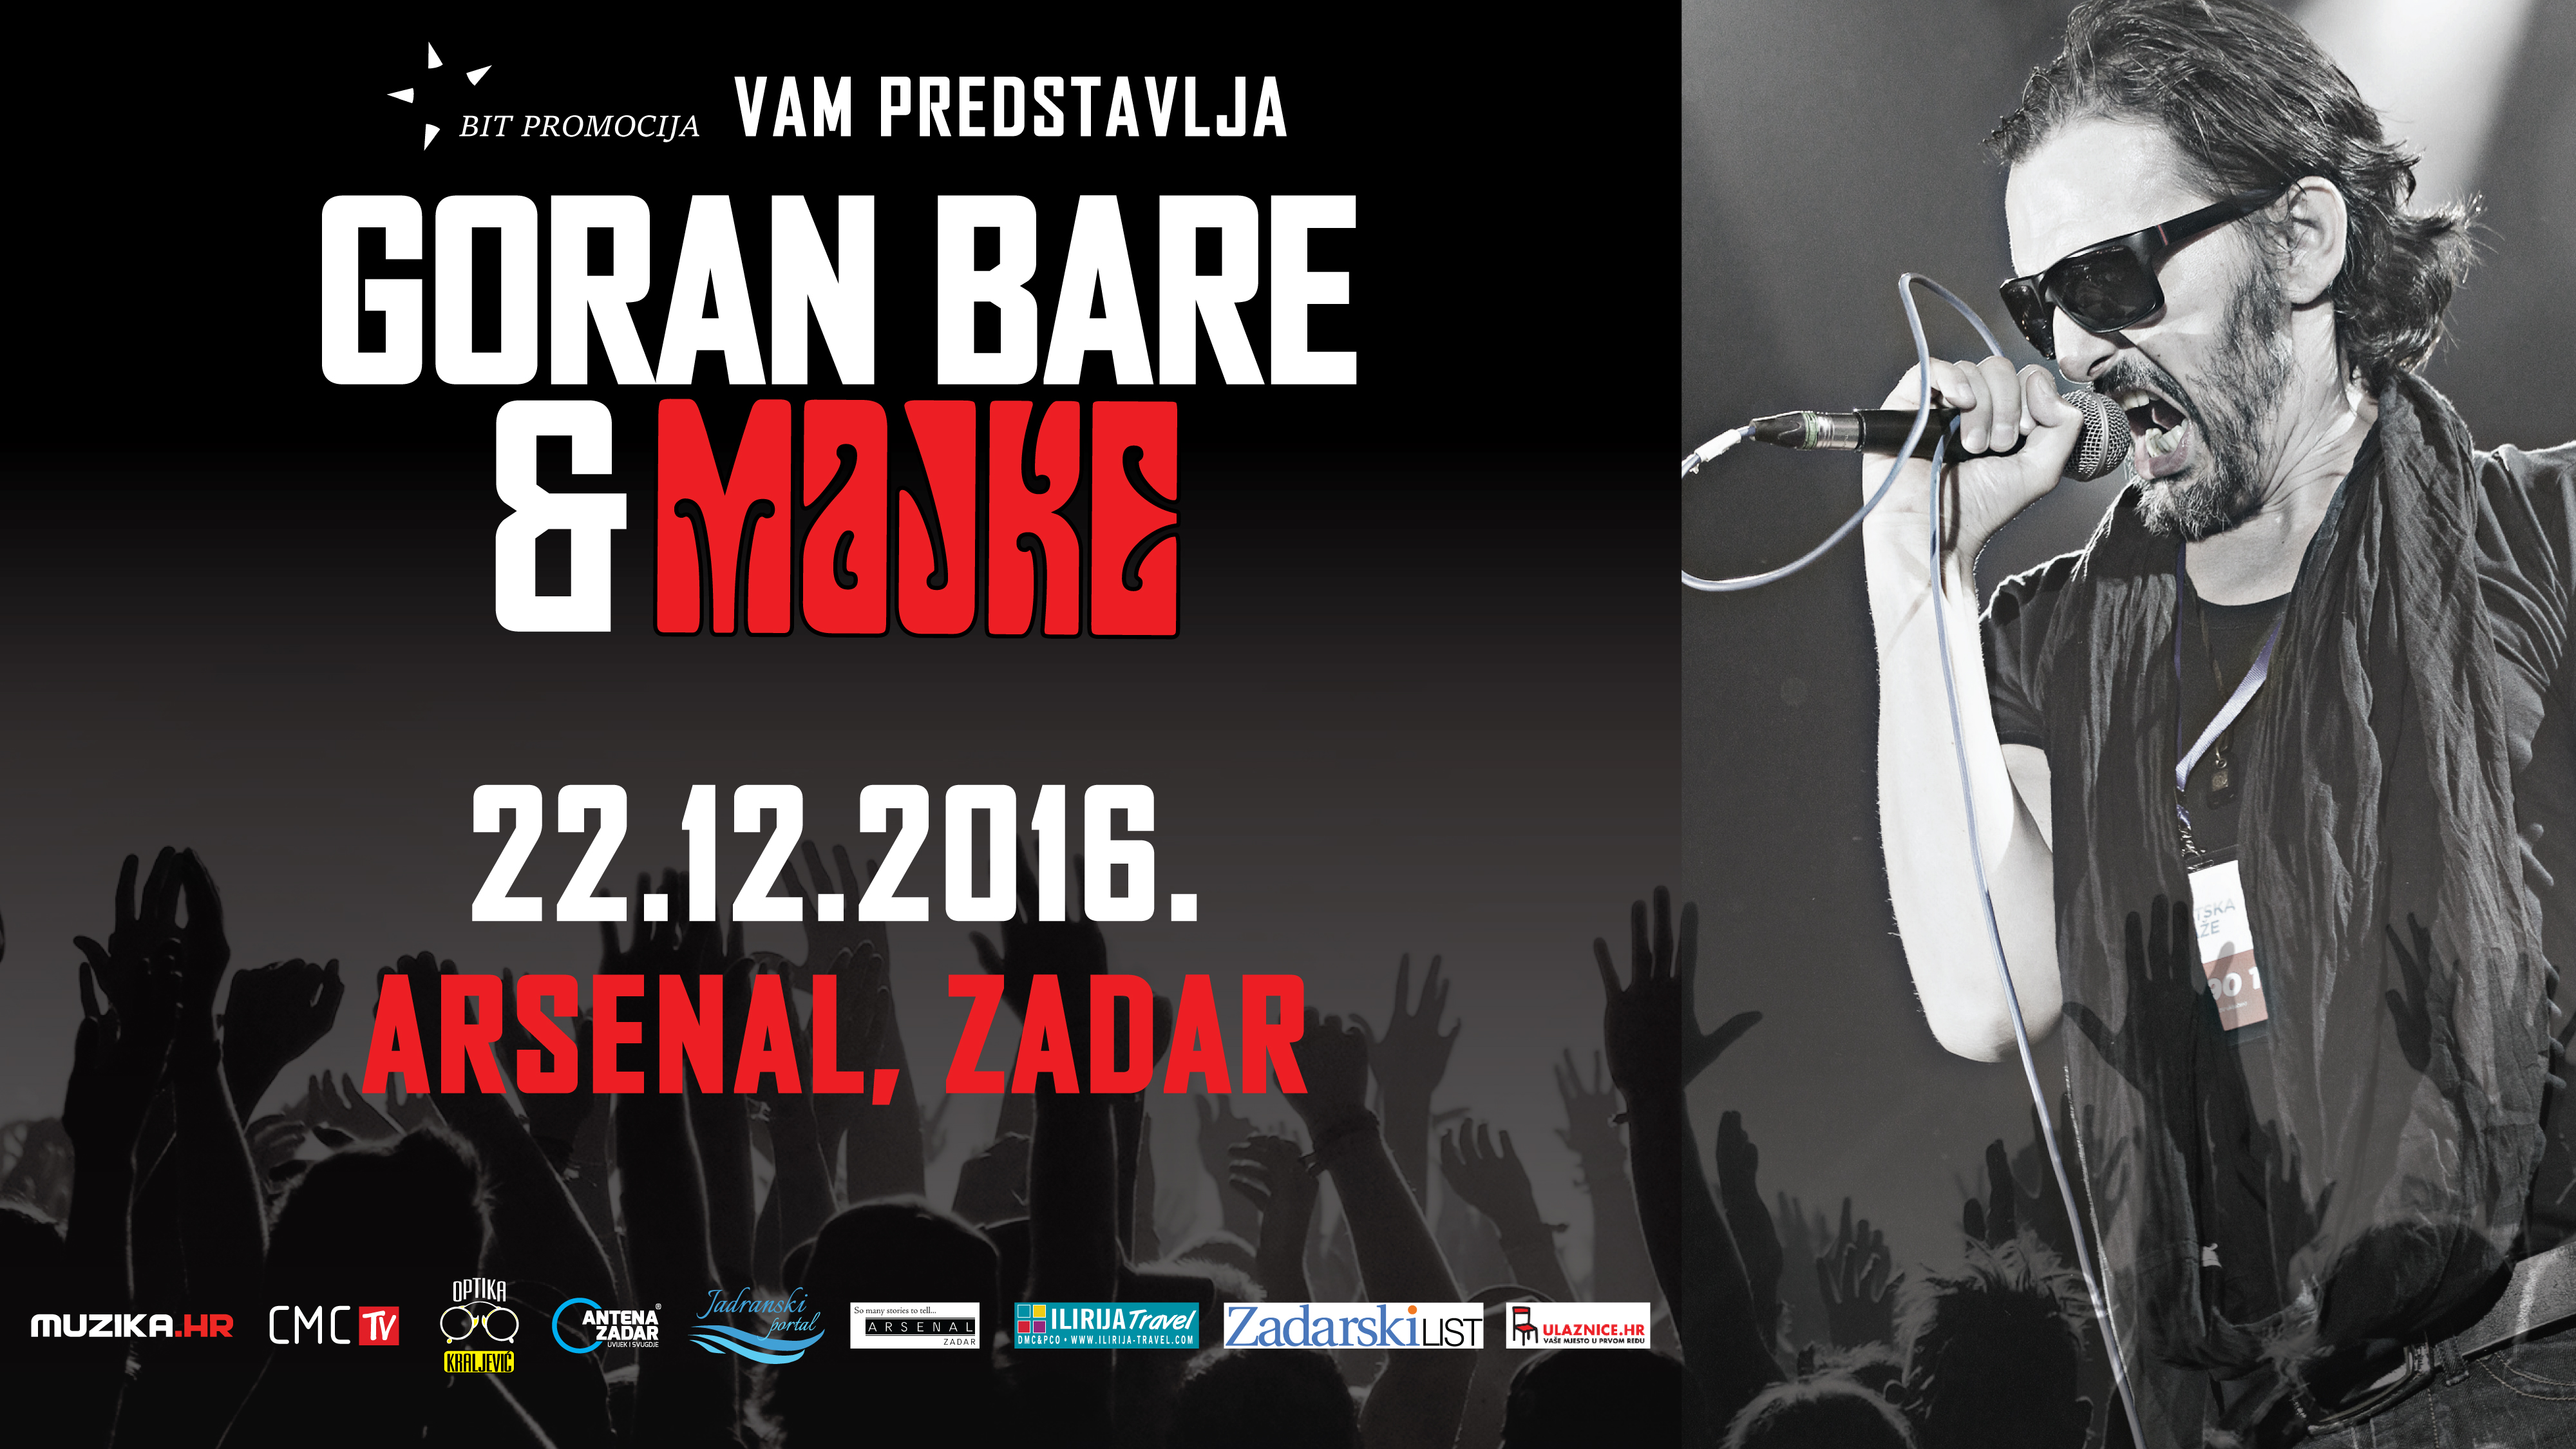 Majke Arsenal_Zadar_ver2_-1920x1080px-01